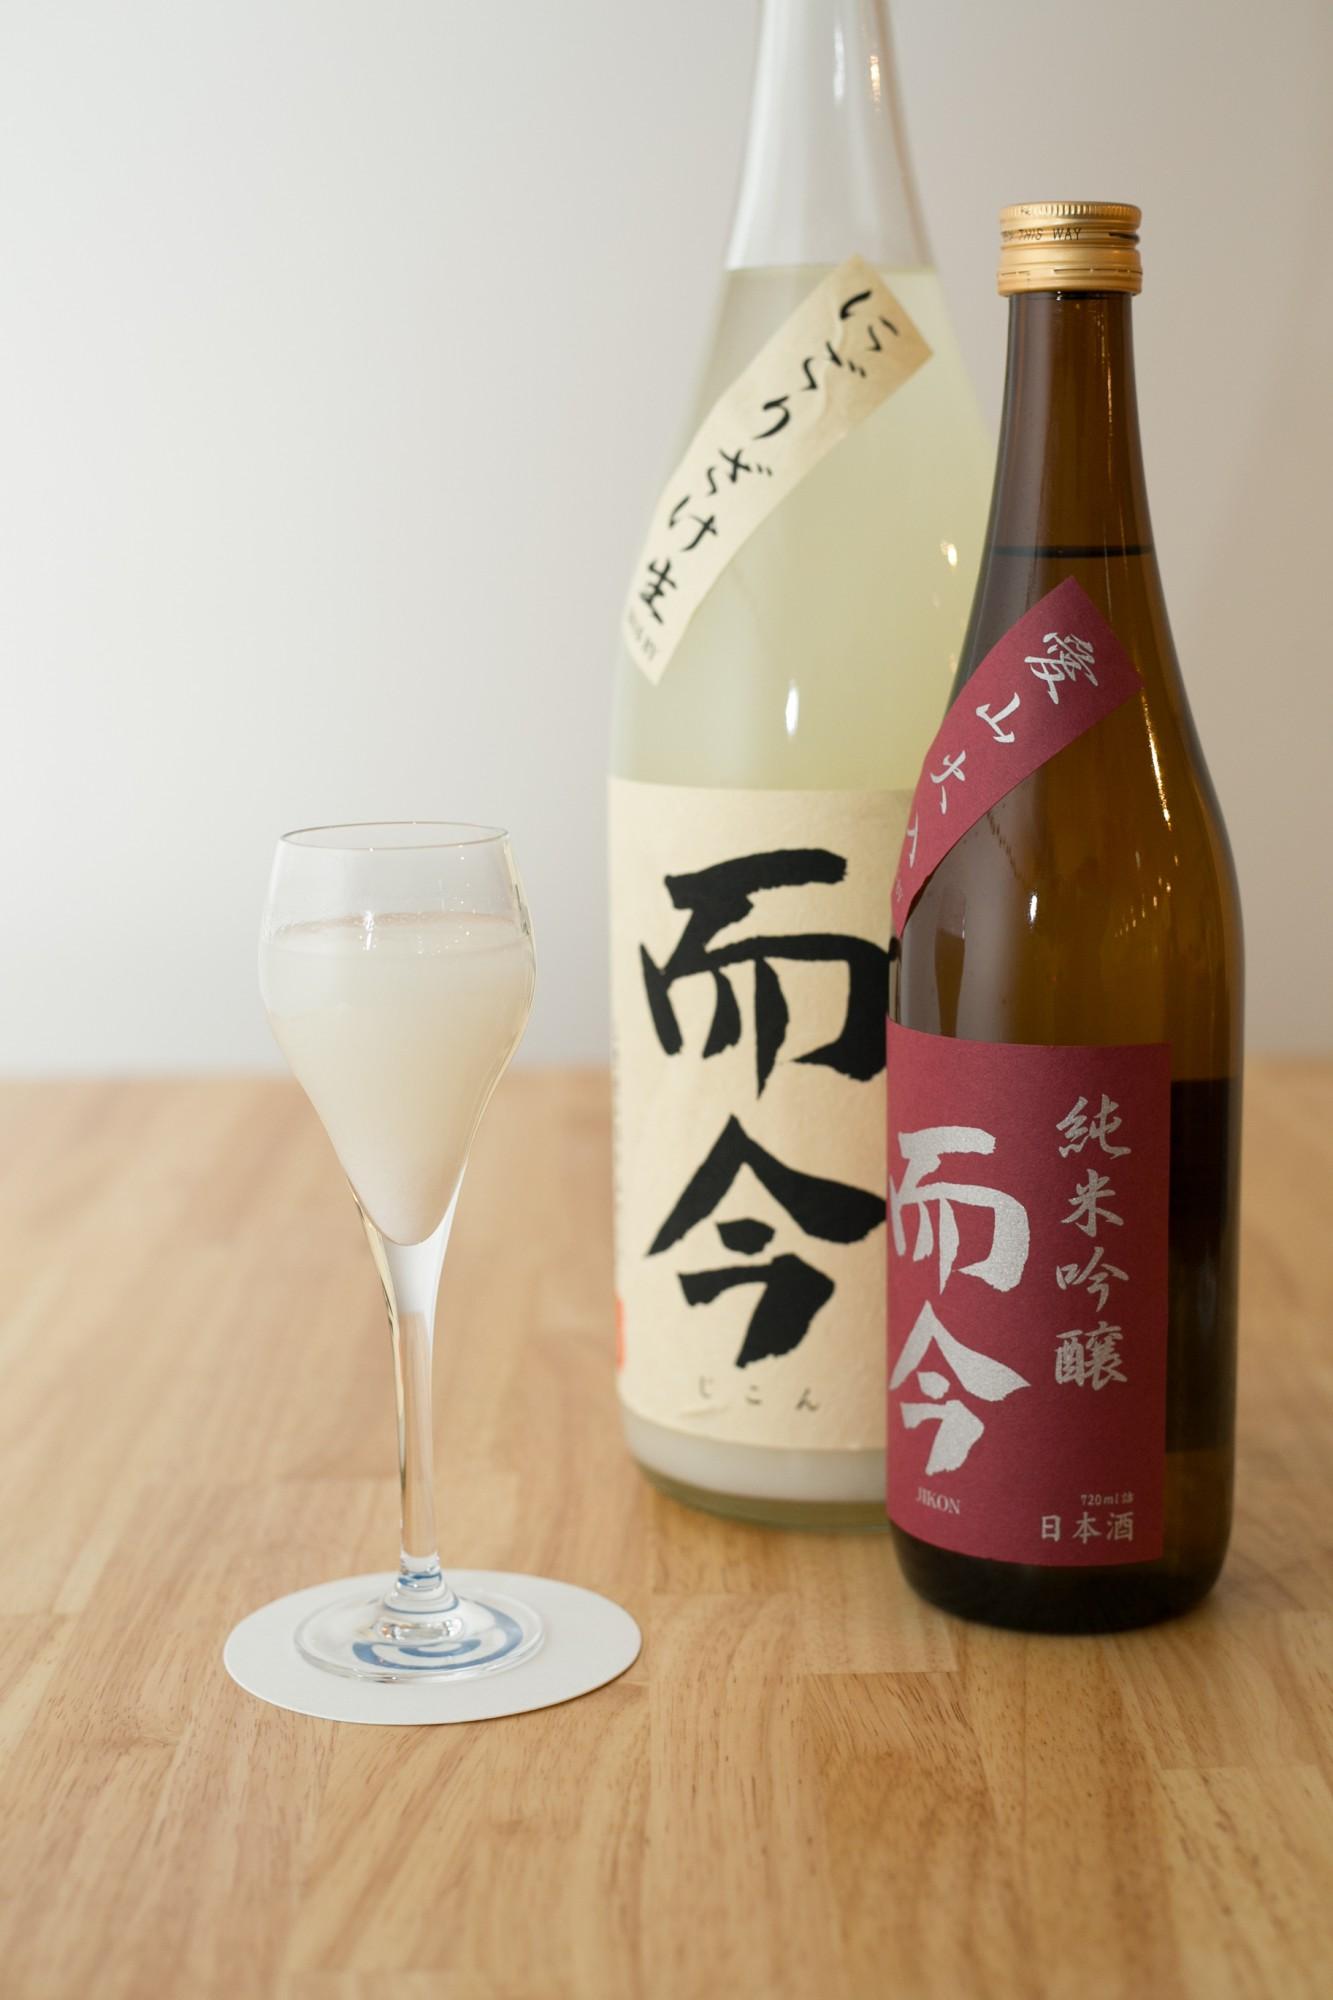 三重県名張市、木屋正酒造の6代目が杜氏として醸した「而今(じこん)」。「いまをただ精一杯生きる」という意味にもぐっとくる。